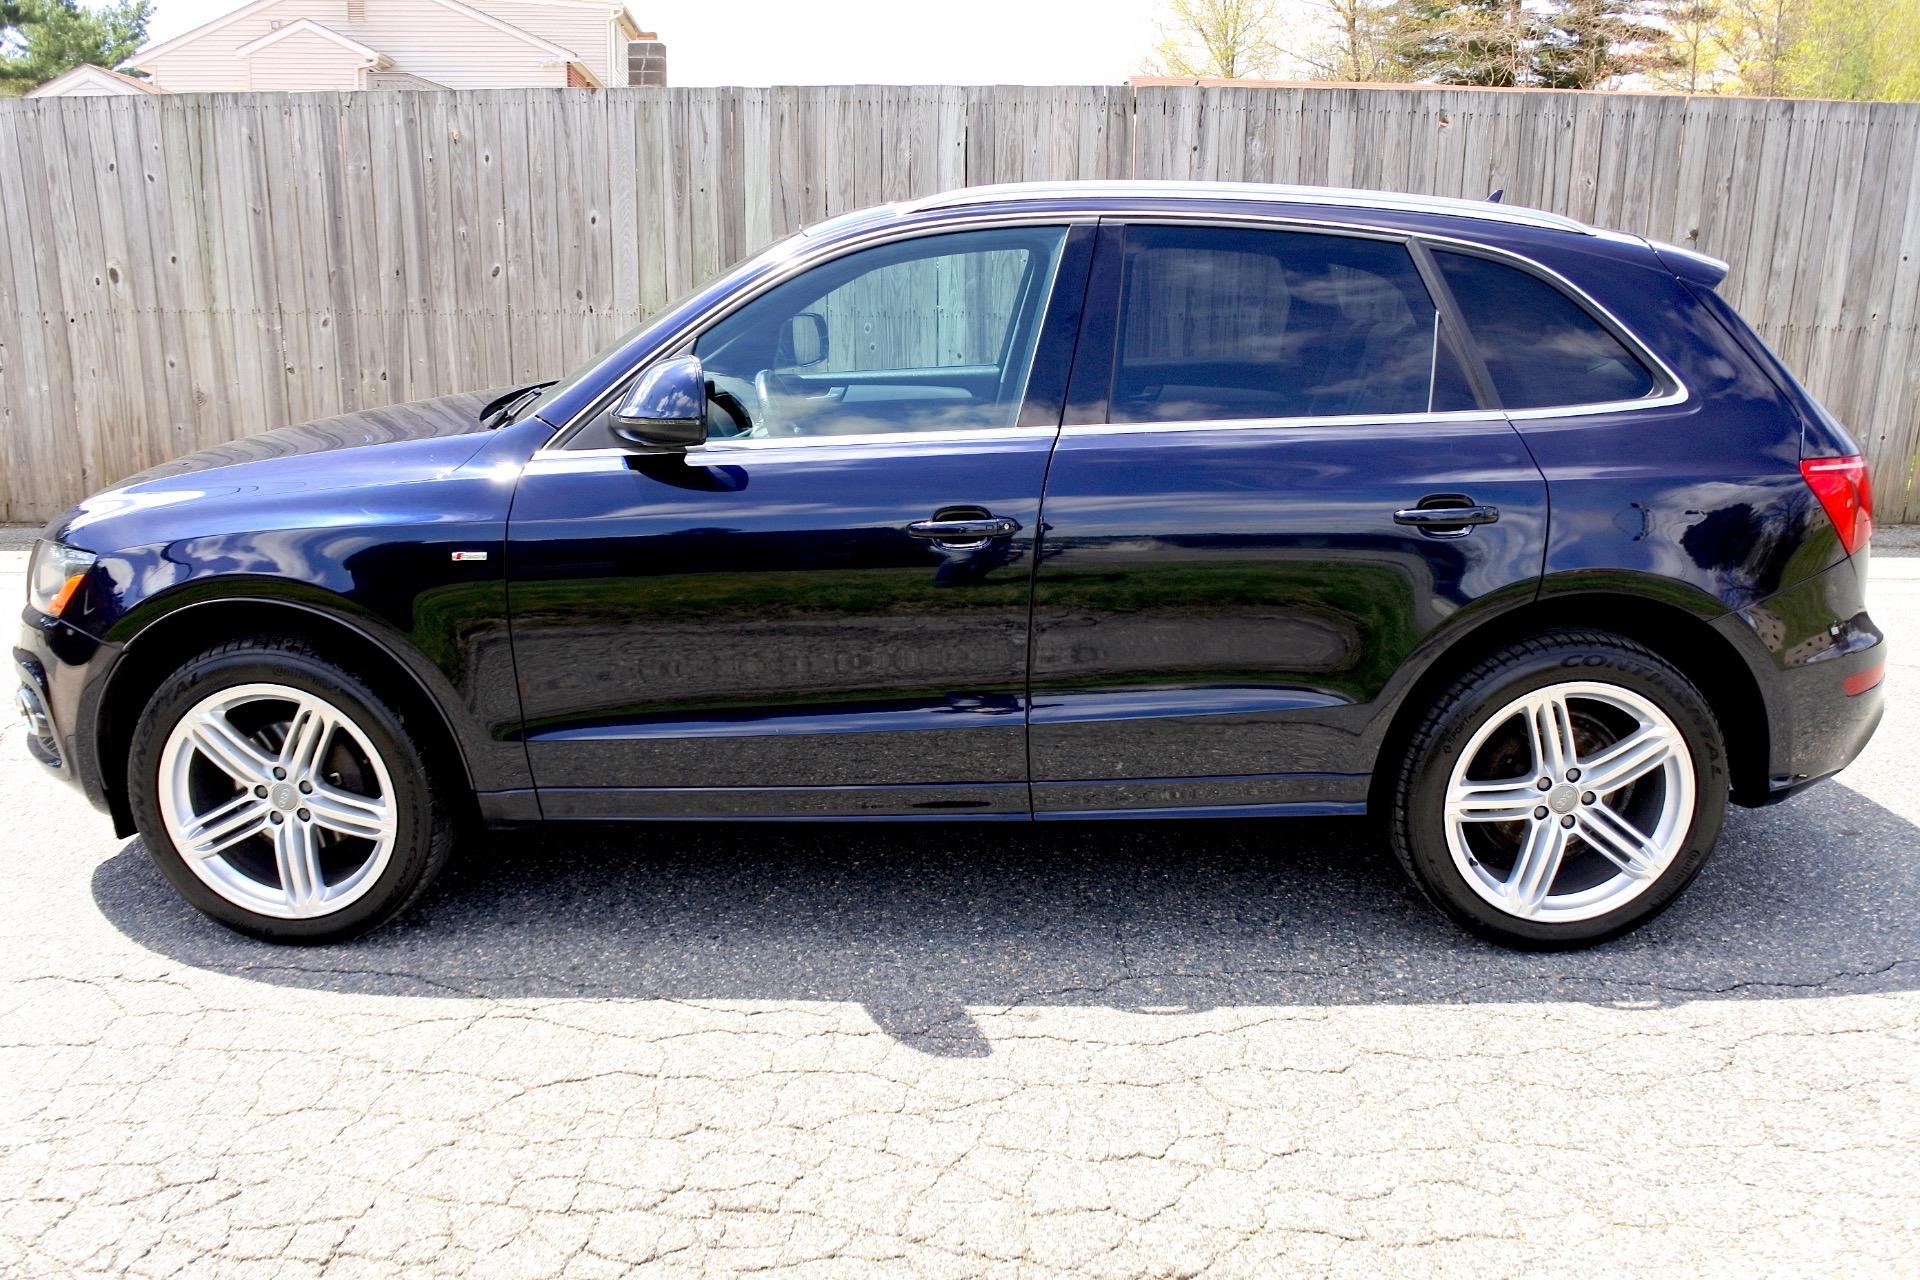 Used 2010 Audi Q5 Premium Plus S-Line Quattro Used 2010 Audi Q5 Premium Plus S-Line Quattro for sale  at Metro West Motorcars LLC in Shrewsbury MA 2